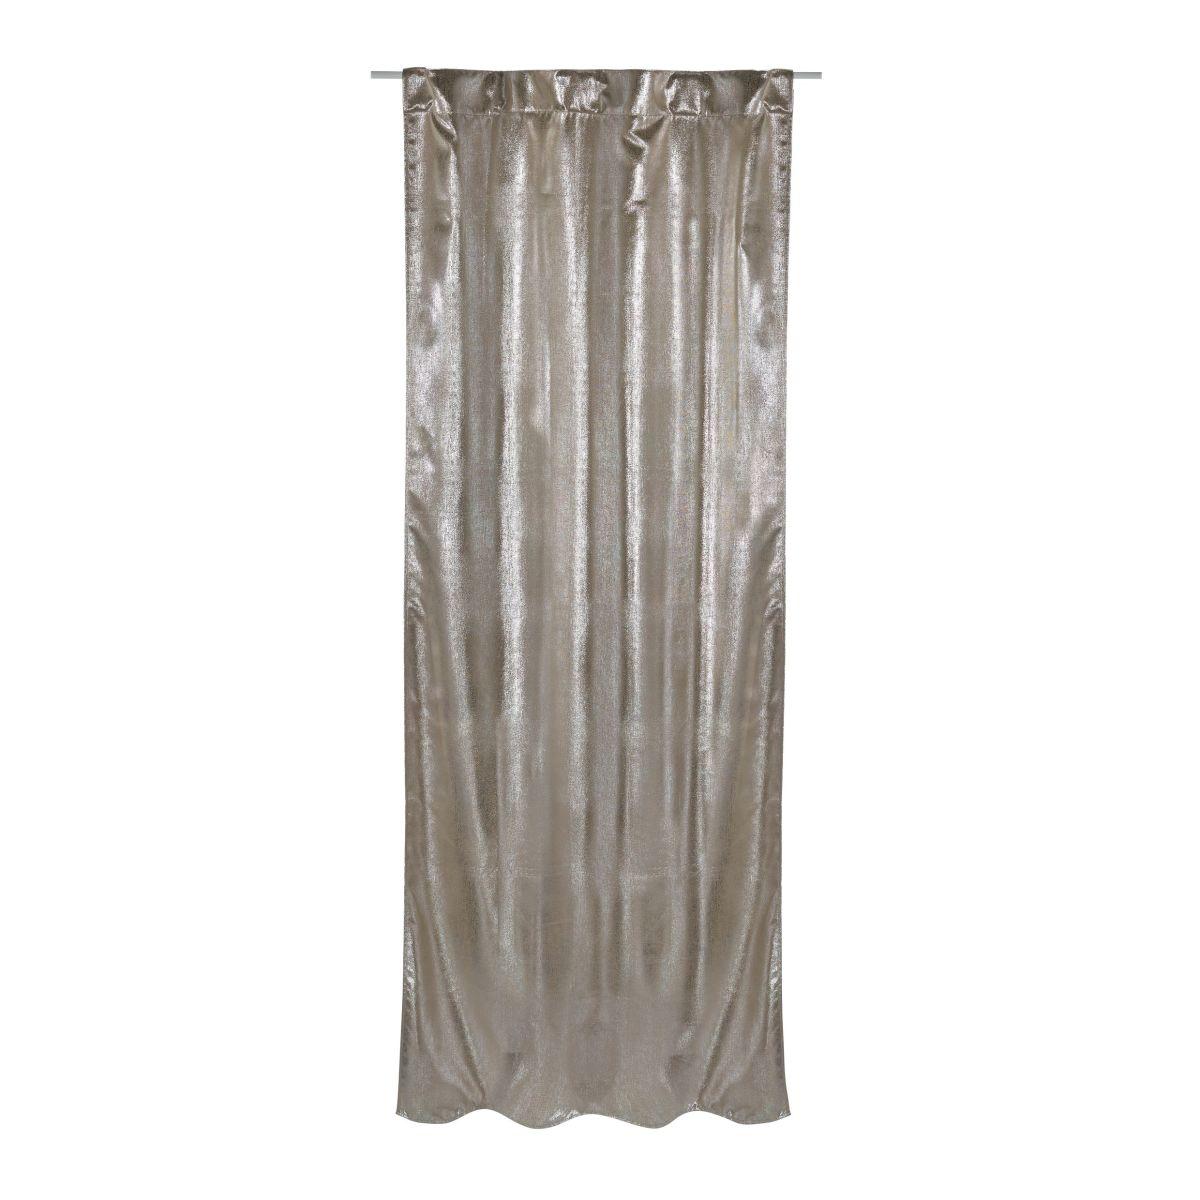 Vorhang Shiny, schimmernde Oberfläche, Schlaufen